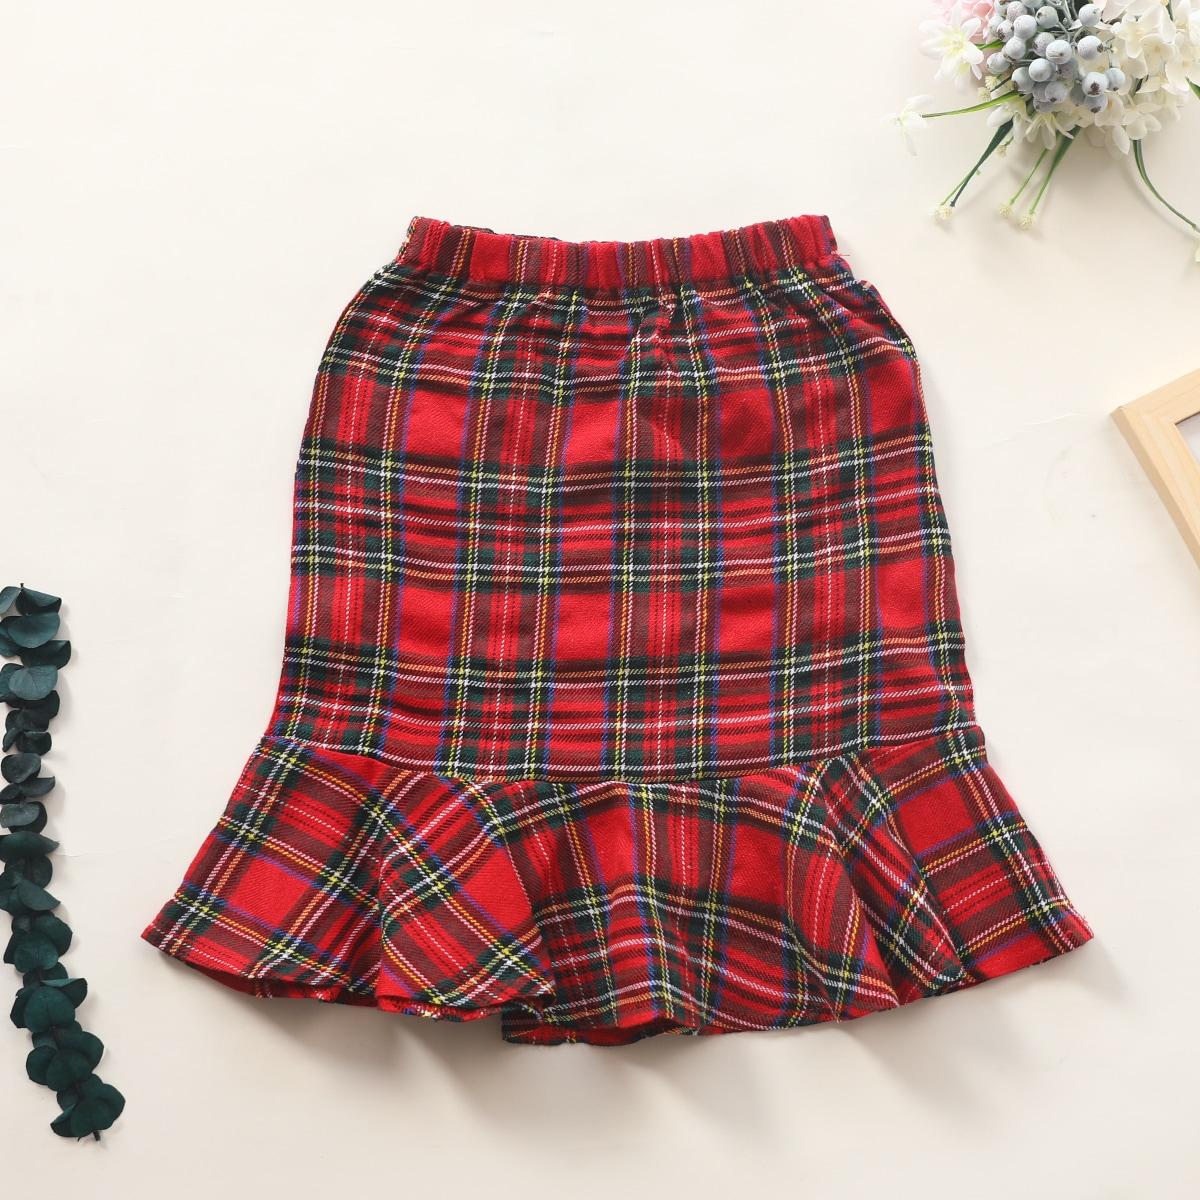 С оборками в клетку институтский юбки для девочек